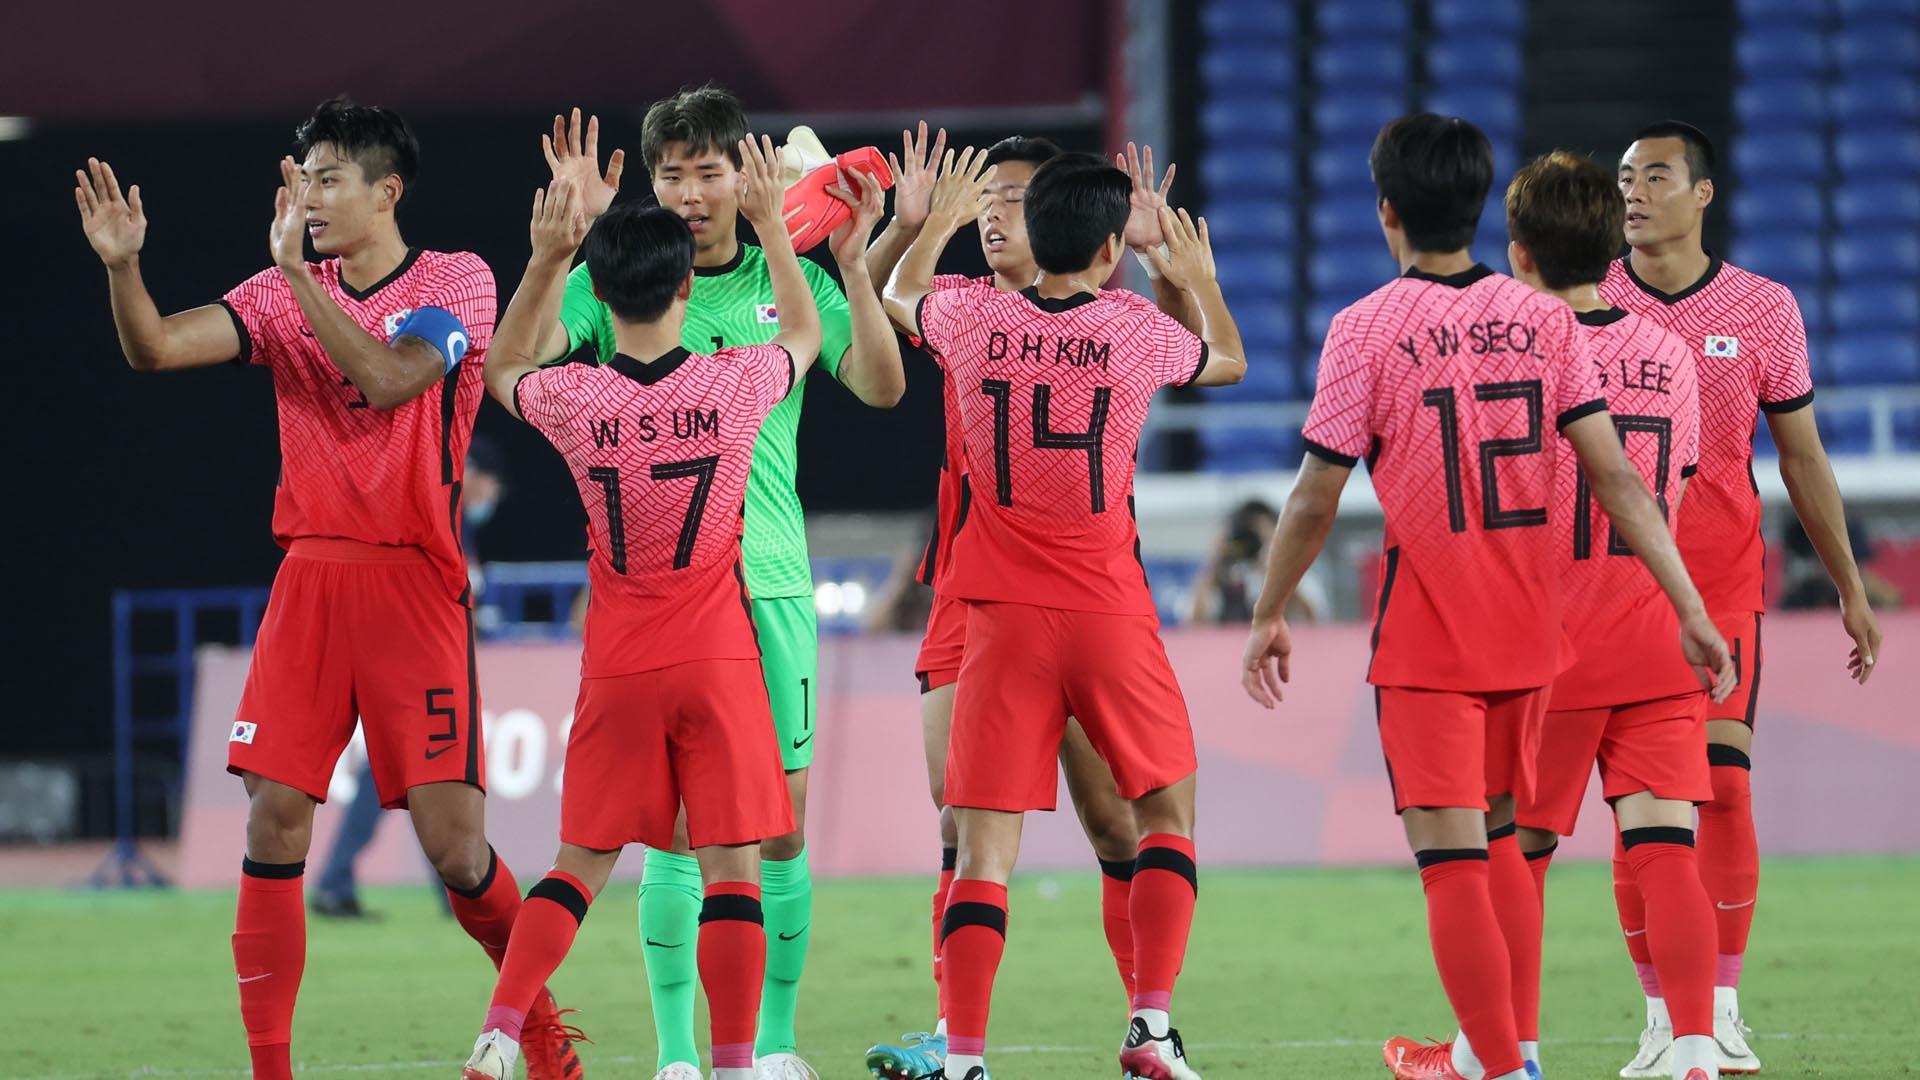 한국 축구, 온두라스에 6-0 완승…조1위로 8강 진출